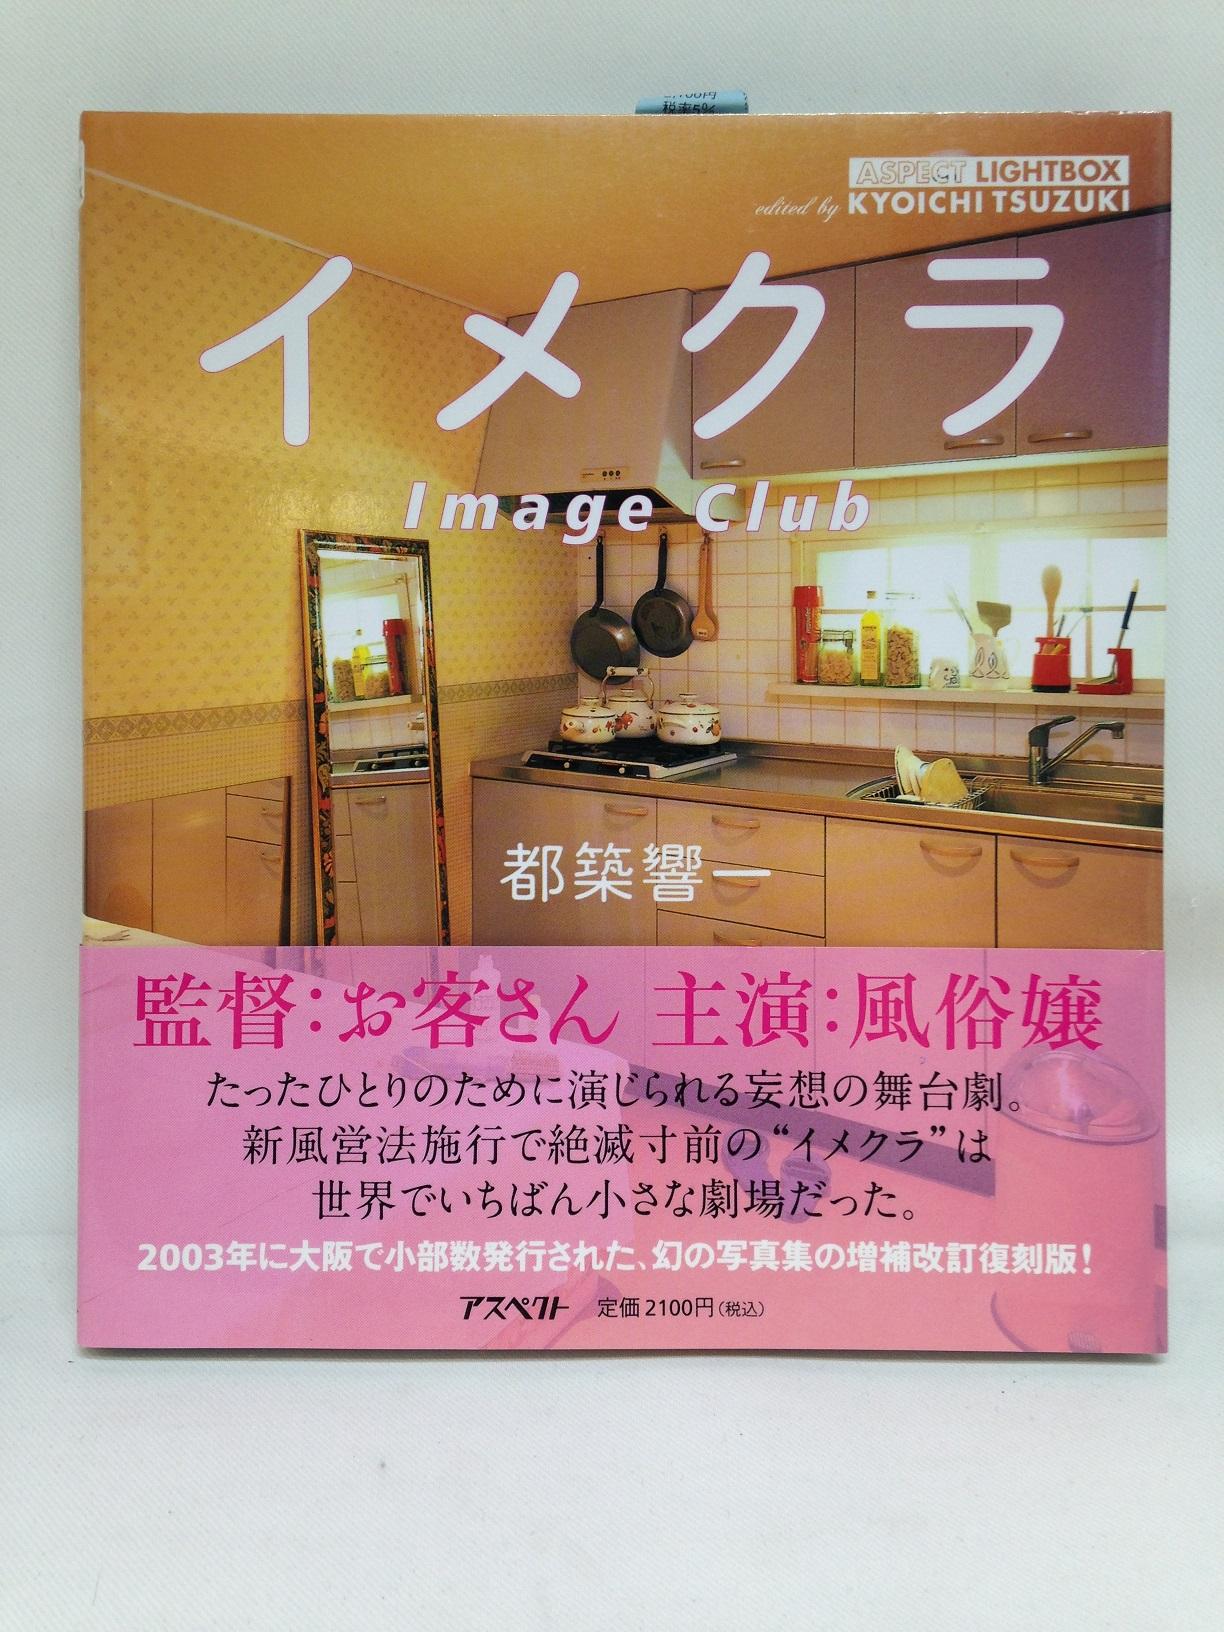 【新古本】イメクラ:Image Club アスペクト ライトボックス・シリーズ画像